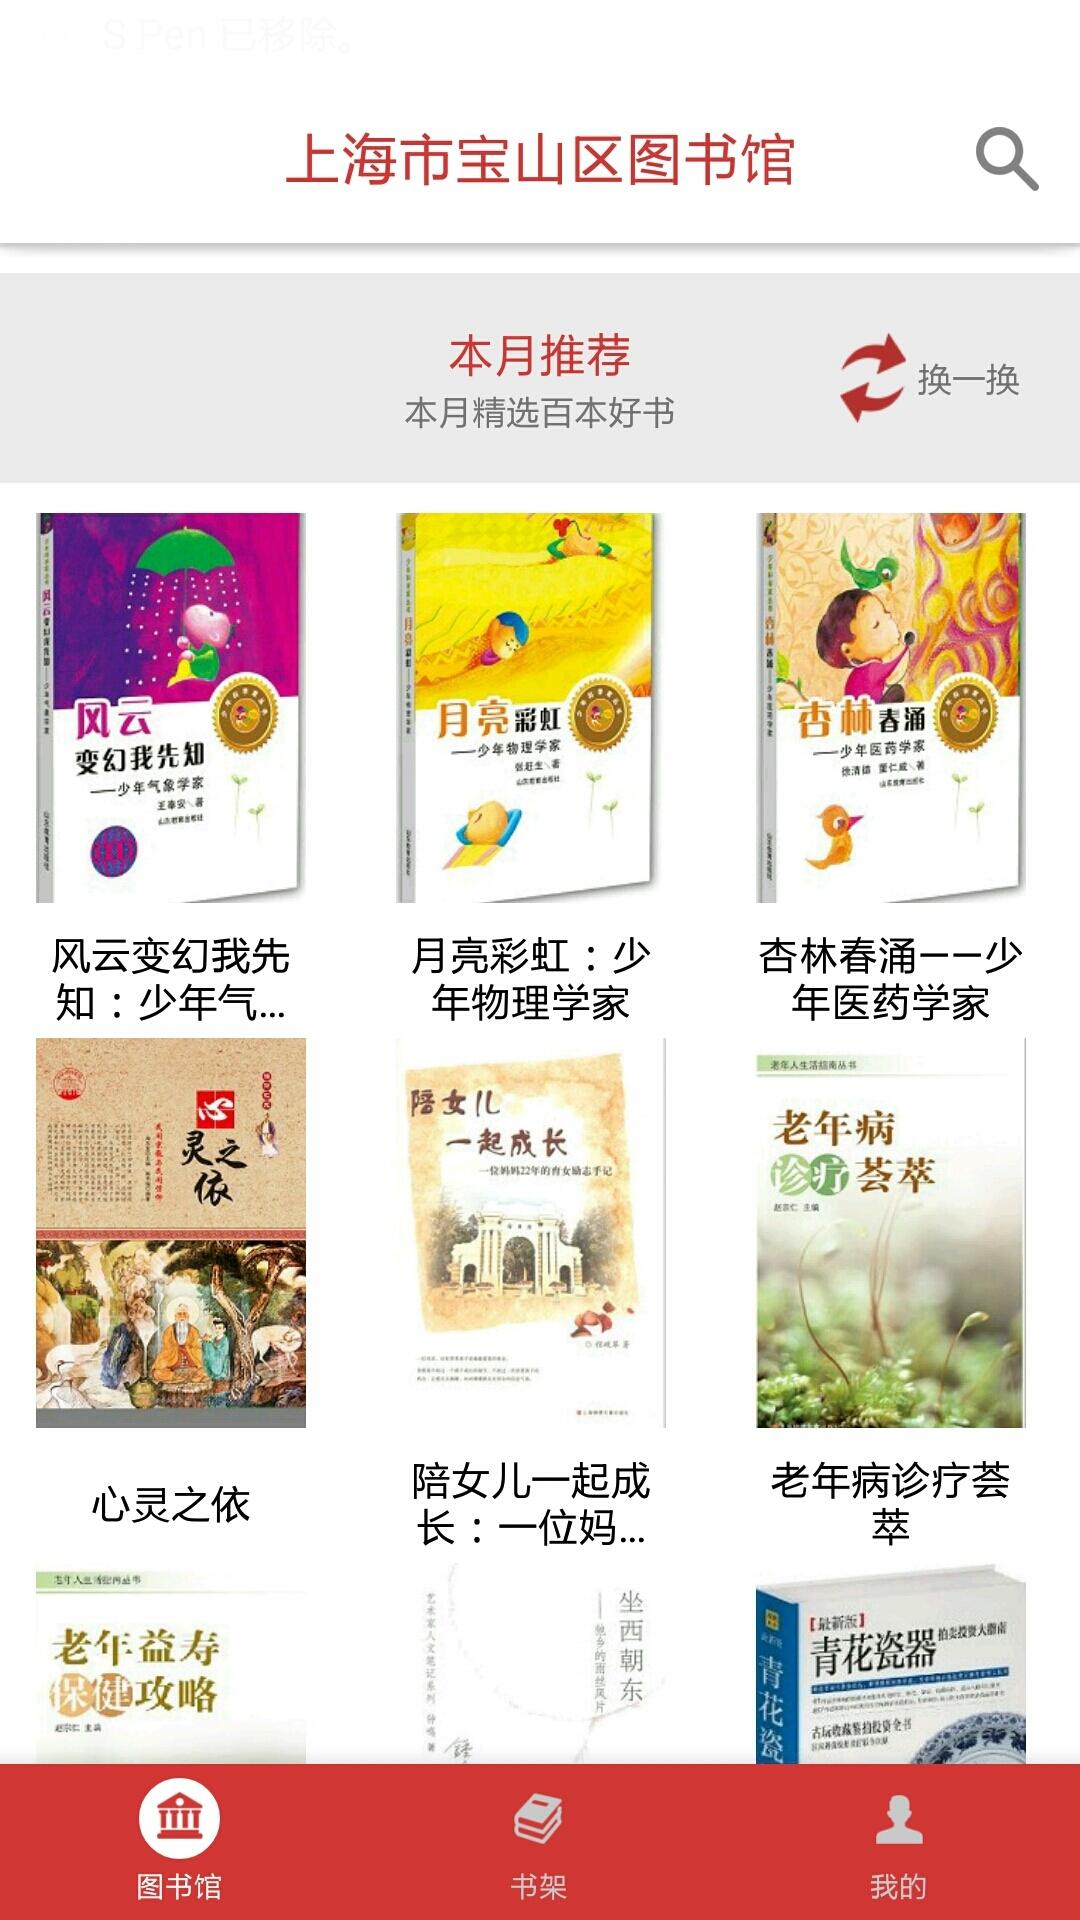 宝山E图书